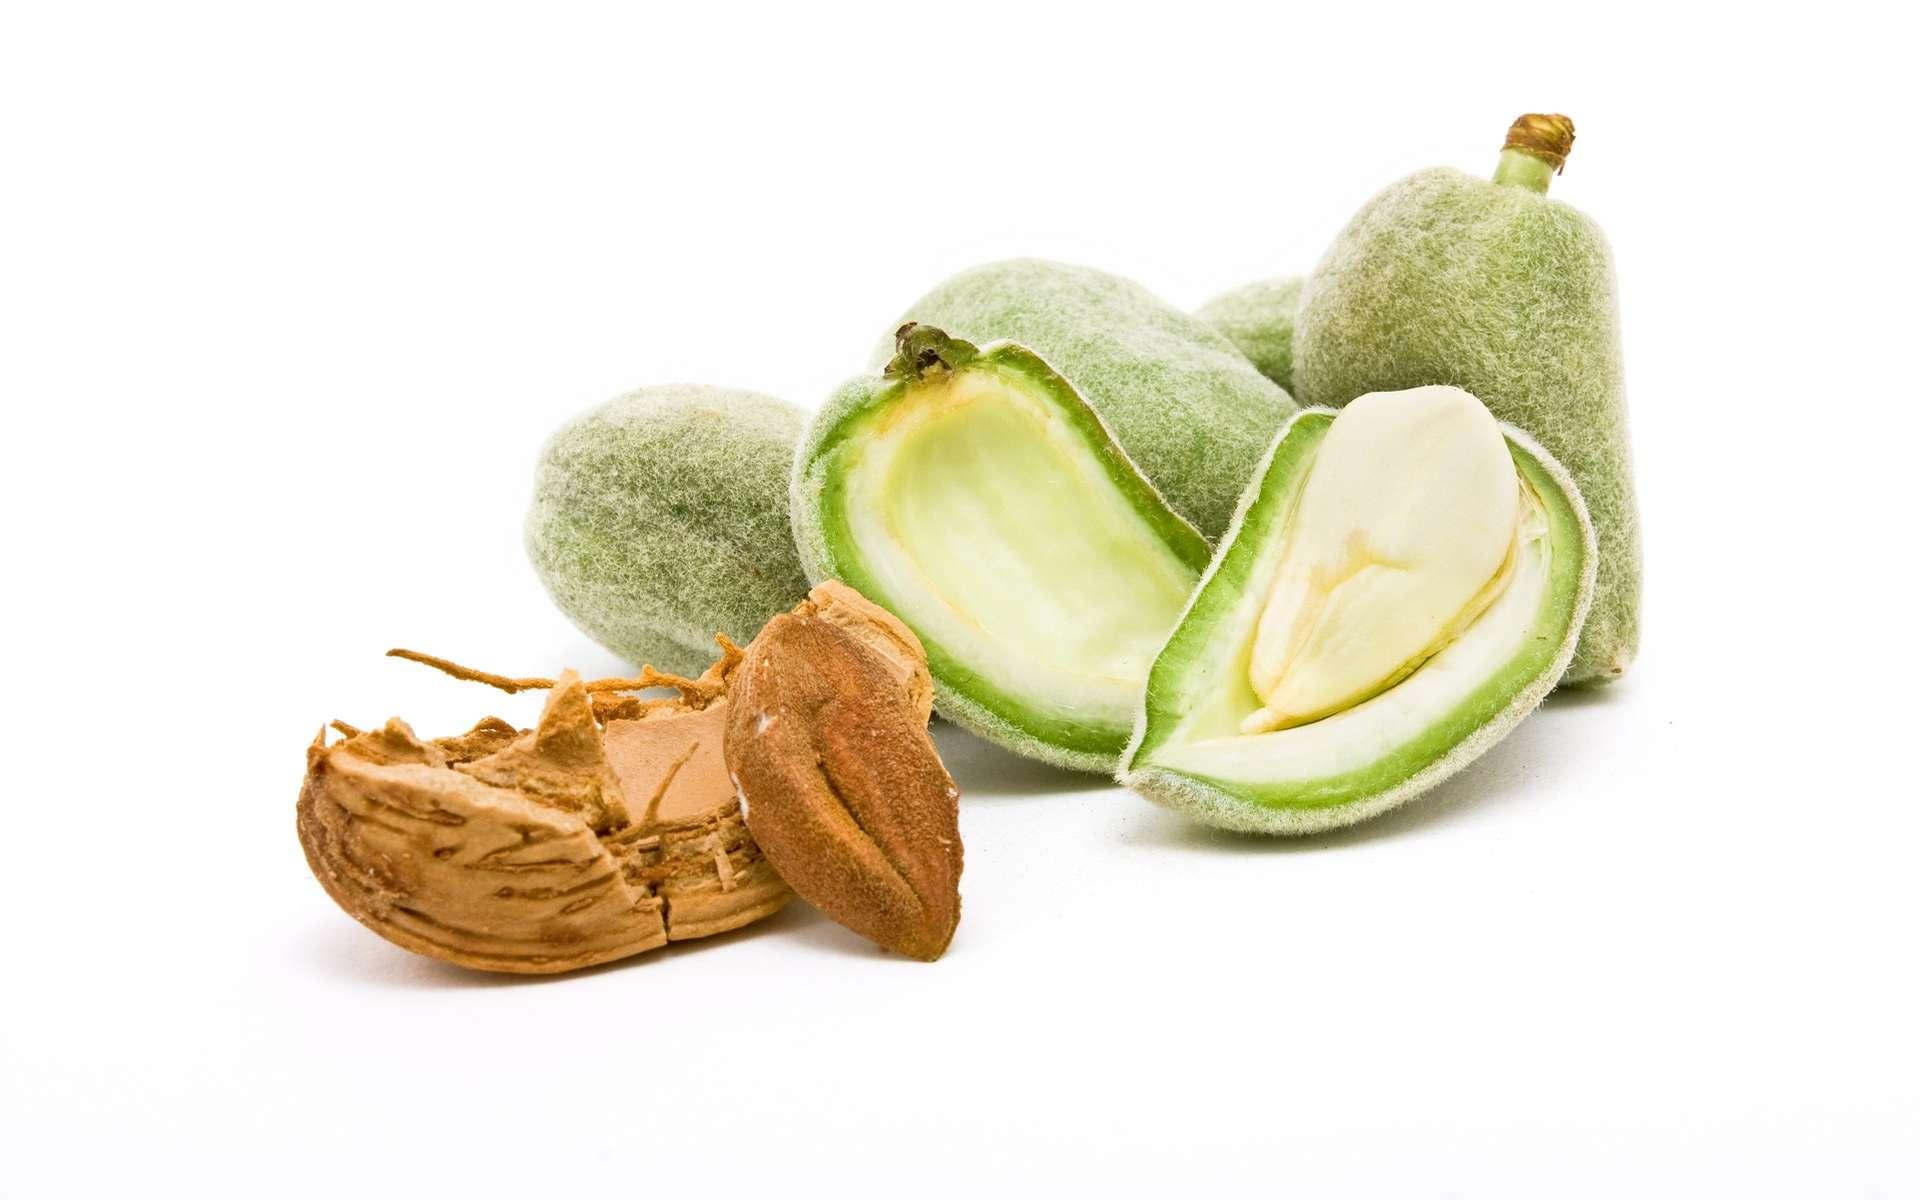 Le benzaldéhyde a une odeur caractéristique d'amande amère. © Crepesoles, Shutterstock